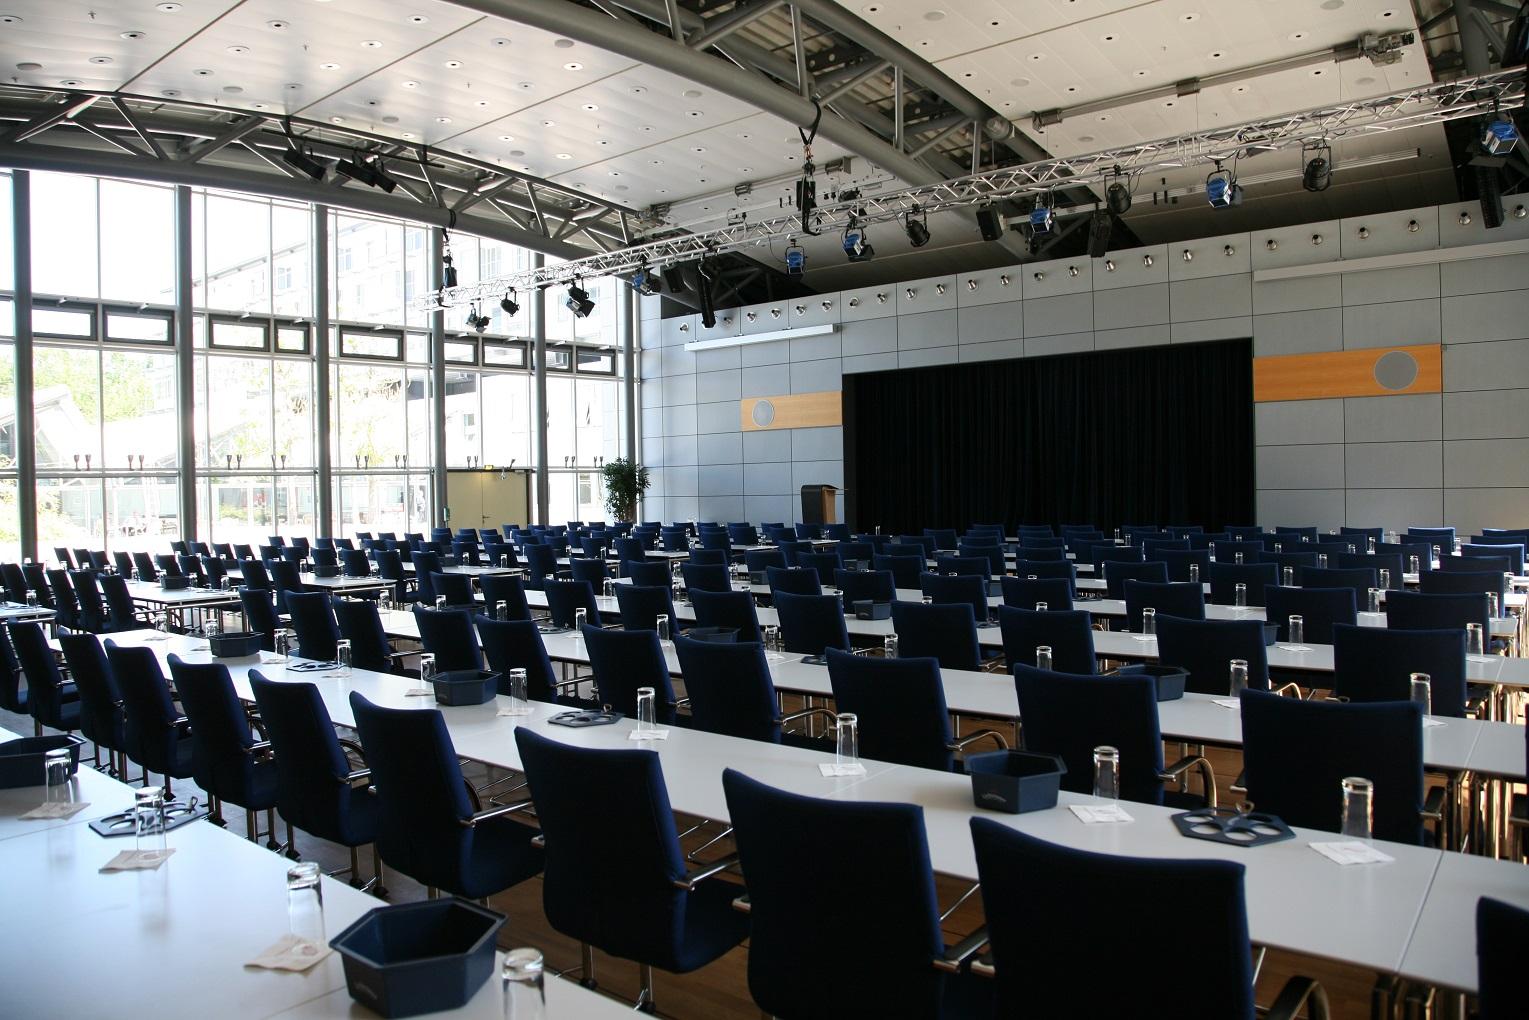 Der Konferenzraum des Kongresshotels am Templiner See in Potsdam wird für die zwölfte BHKW-Jahreskonferenz für rund 200 Teilnehmerinnen und Teilnehmer und 16 Referenten vorbereitet sein (Bild: BHKW-Infozentrum)